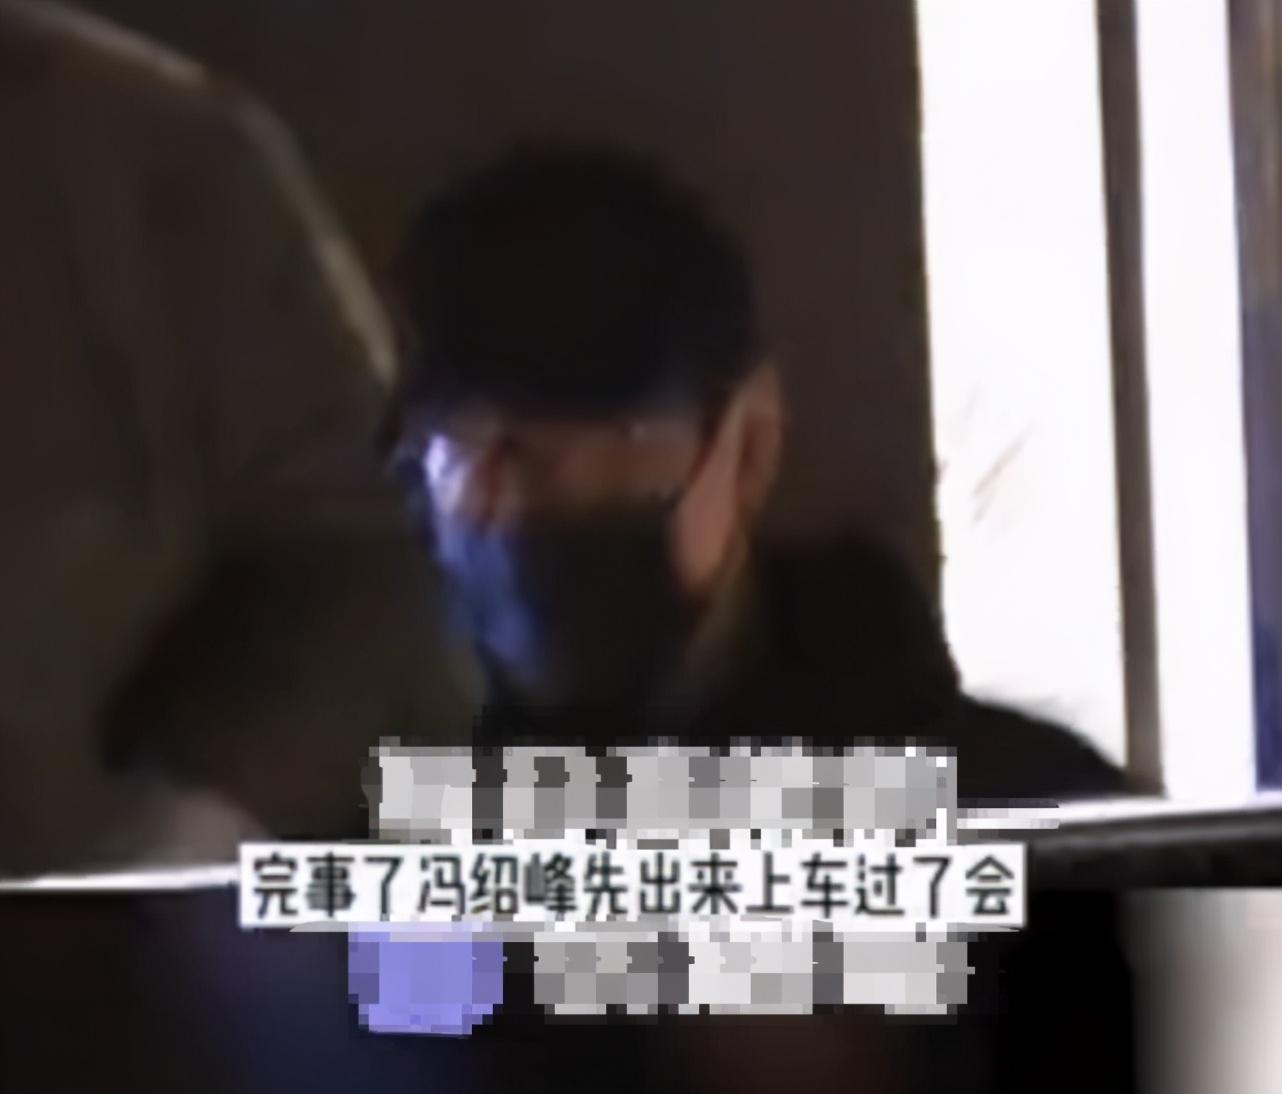 趙麗穎馮紹峰官宣離婚,聚少離多是主因,趙麗穎已清空恩愛過往